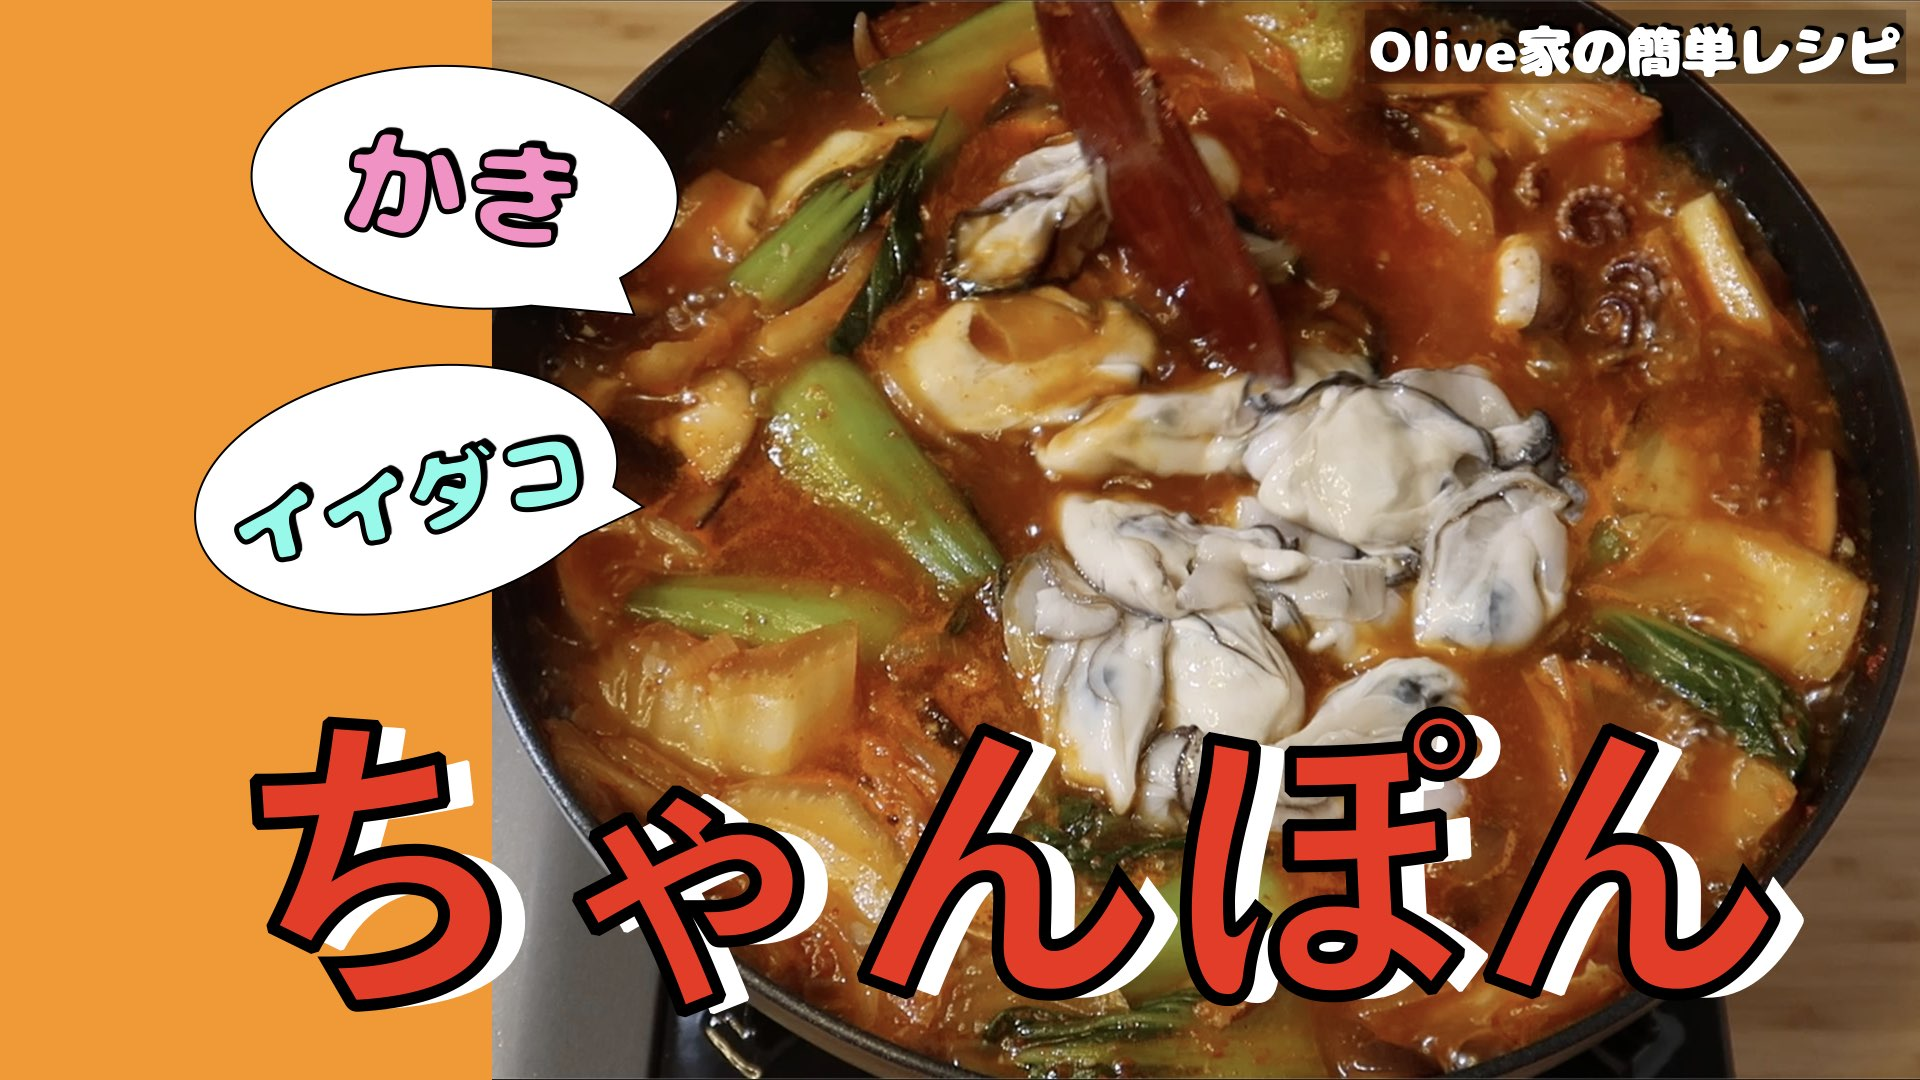 Olive家の簡単レシピ   牡蠣とイイダコが入ったちゃんぽん   辛味ちゃんぽん